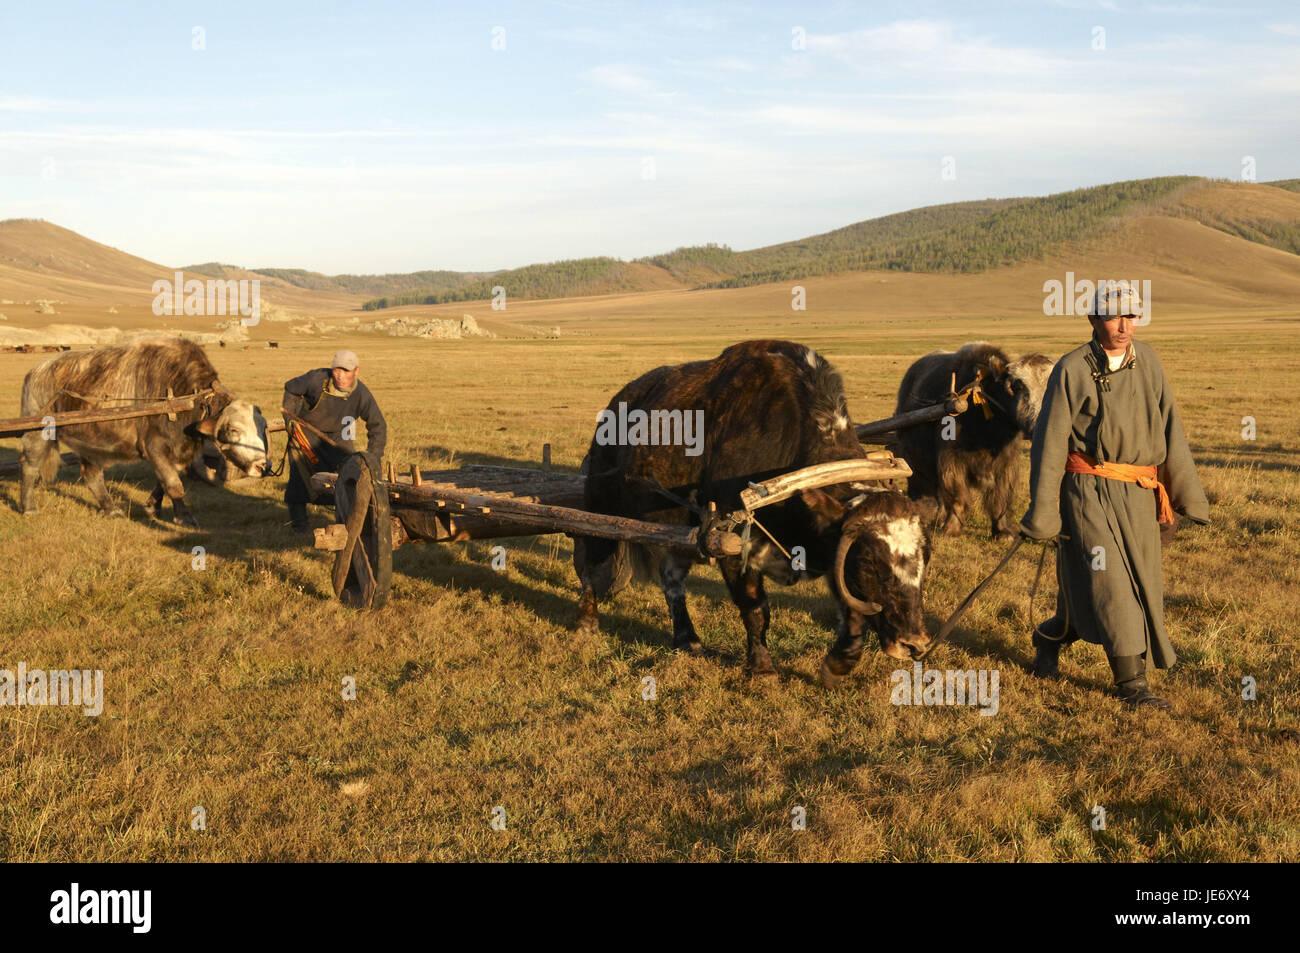 Mongolei, Zentralasien, Provinz Arkhangai, Nomaden, Yaks, Kutschen, Stockfoto